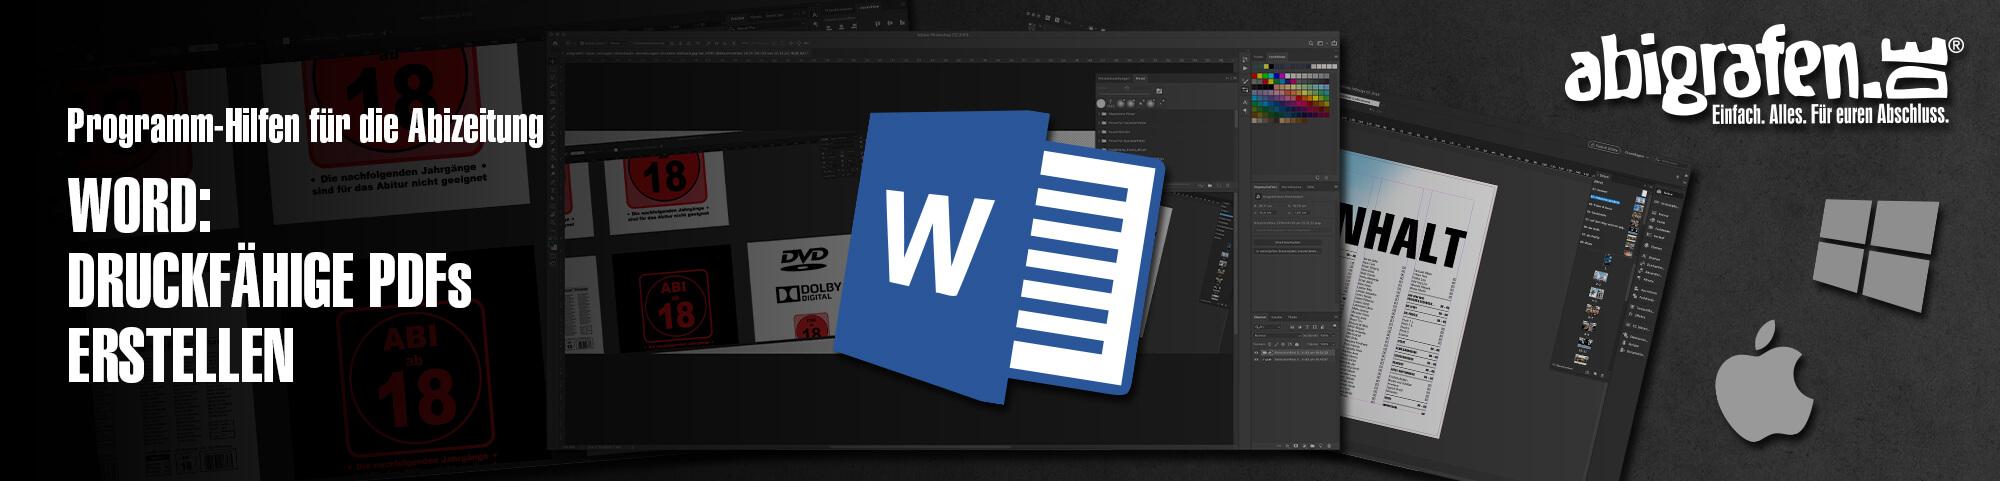 Programm-Hilfen für die Abizeitung – Word: Druckfähige PDFs mit Word erstellen | PDF-Datei von Abizeitung/Abibuch aus Microsoft Word exportieren